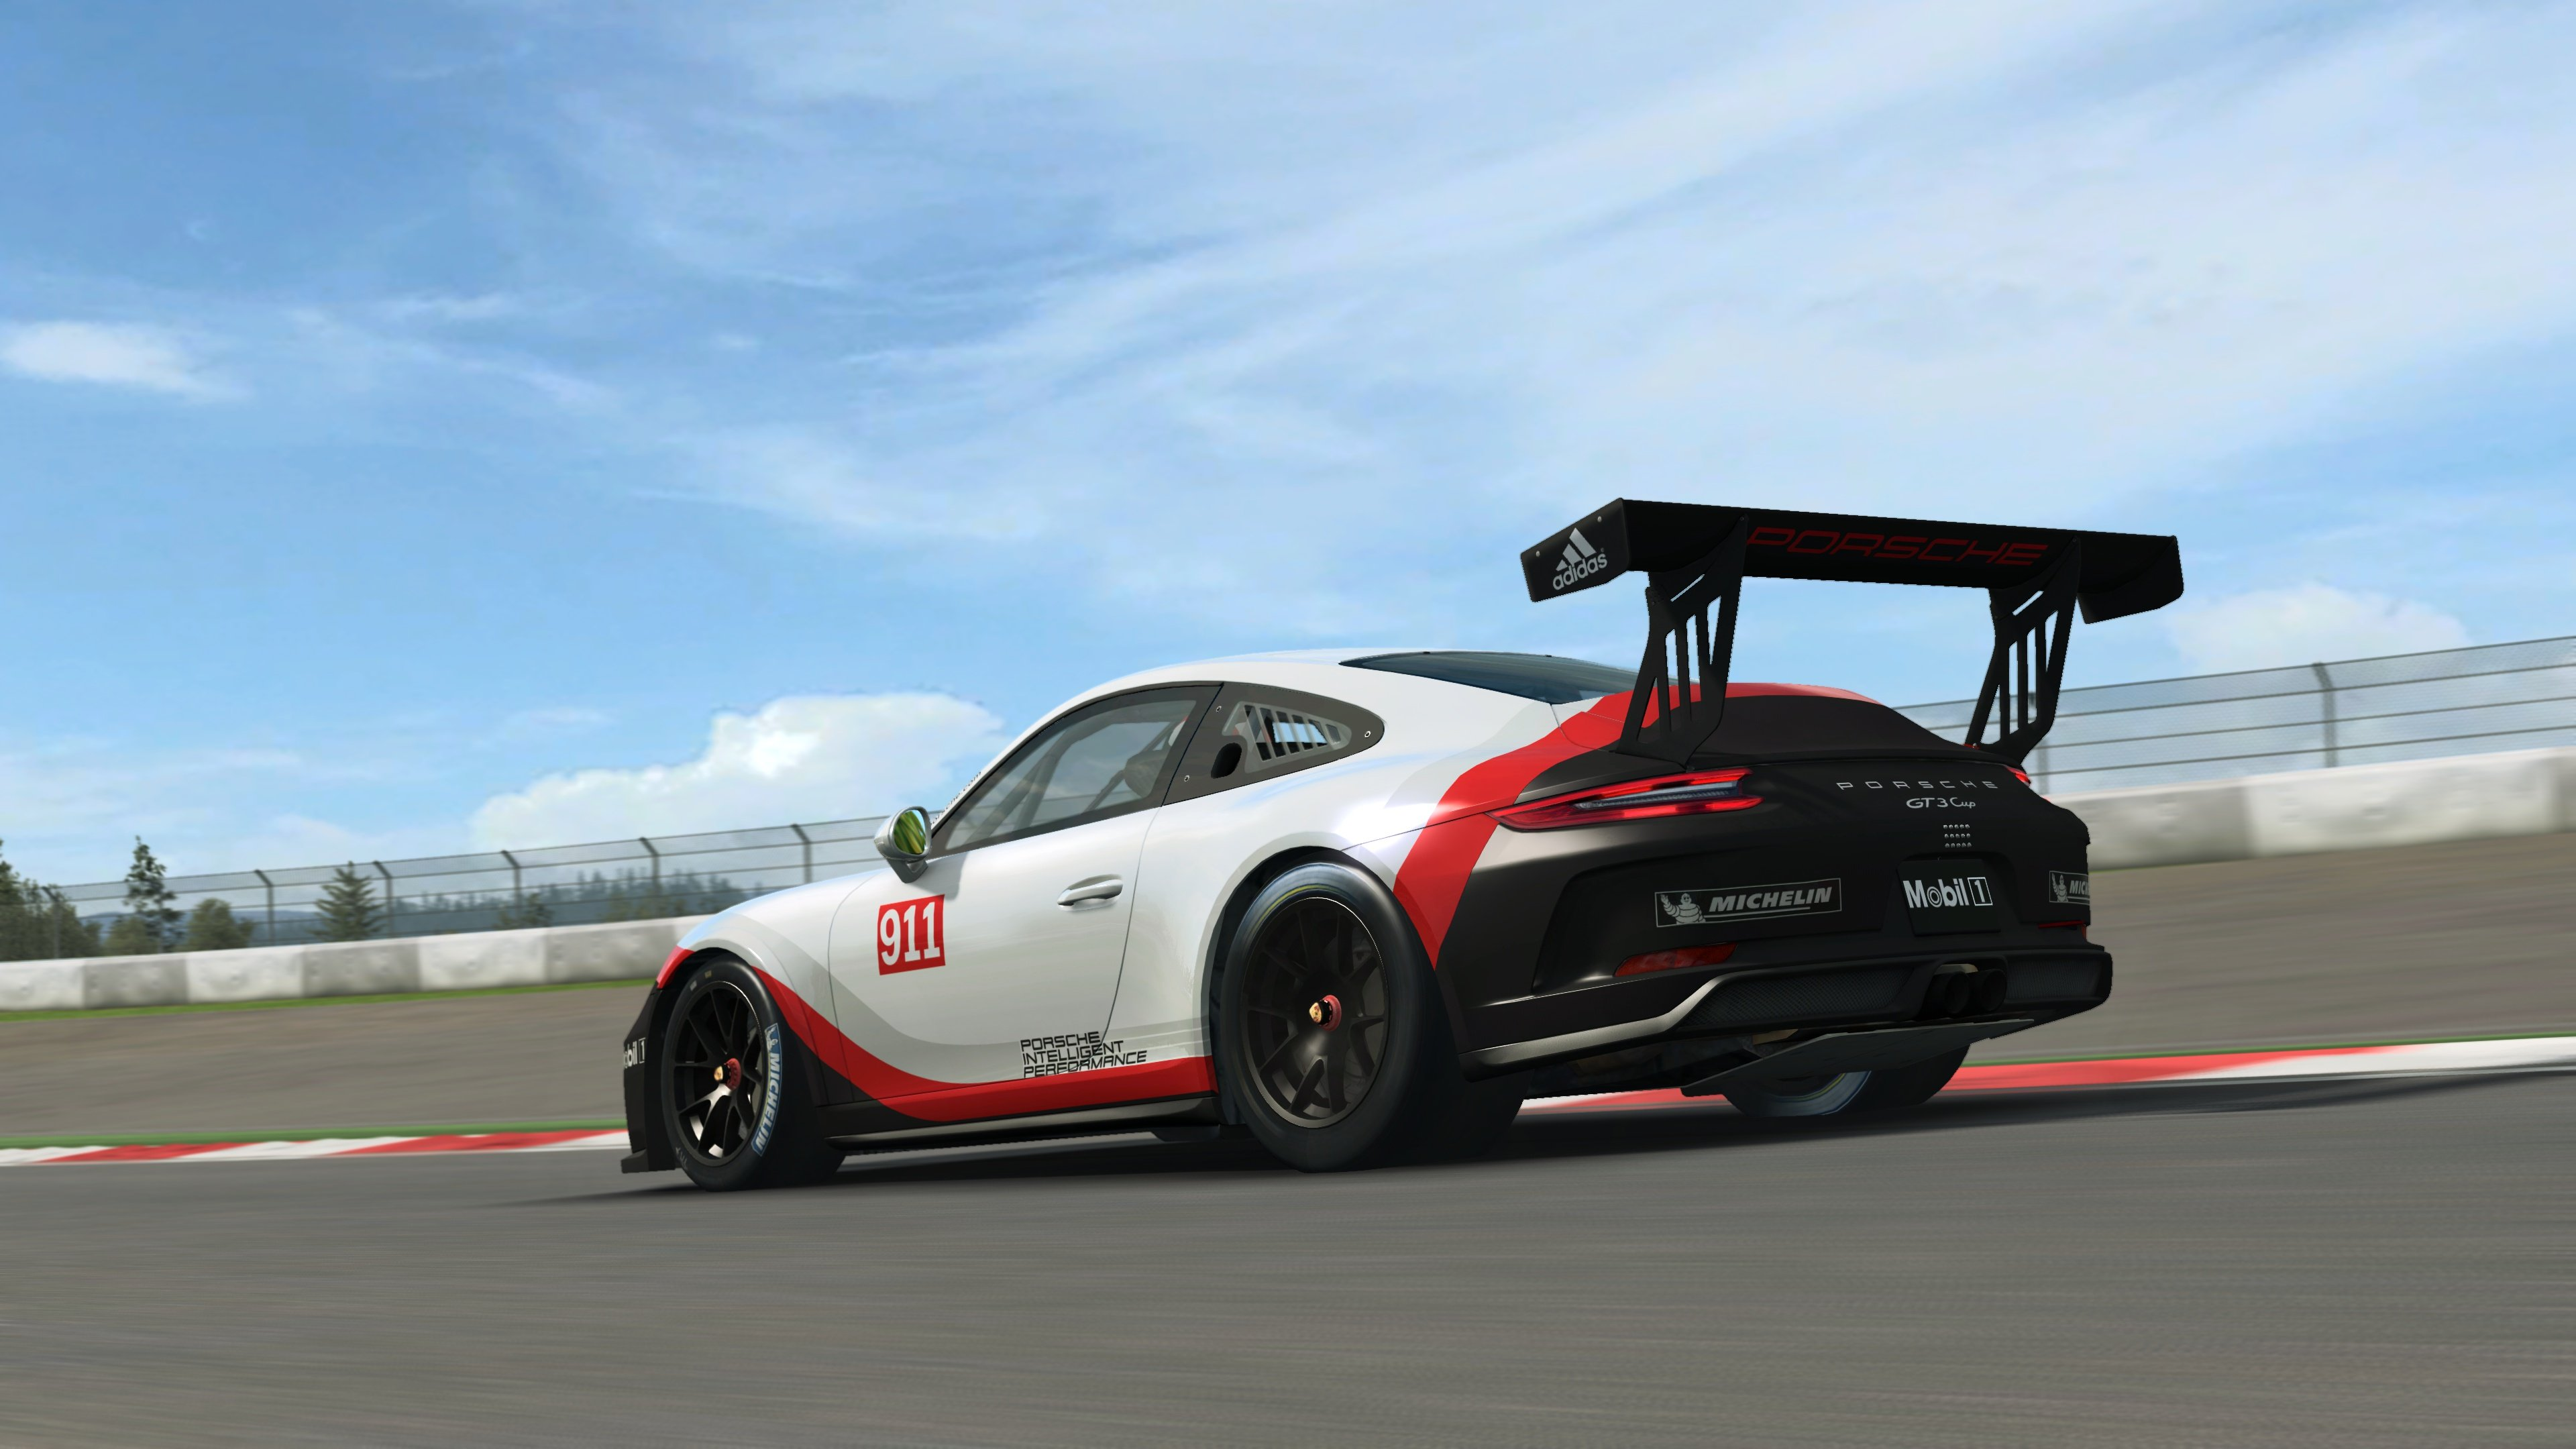 RaceRoom 991.2 Porsche 911 GT3 Cup 27